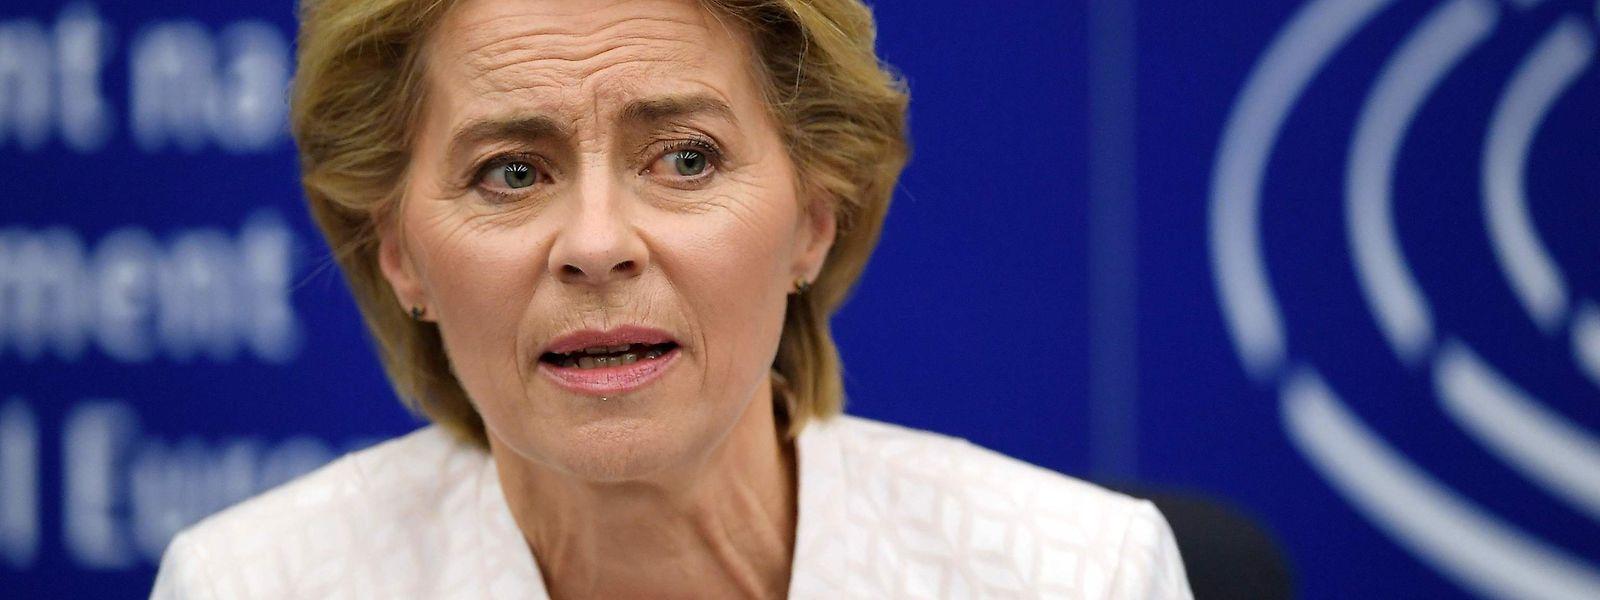 Ursula von der Leyen tritt am 1. November ihr Amt als EU-Kommissionspräsidentin an.